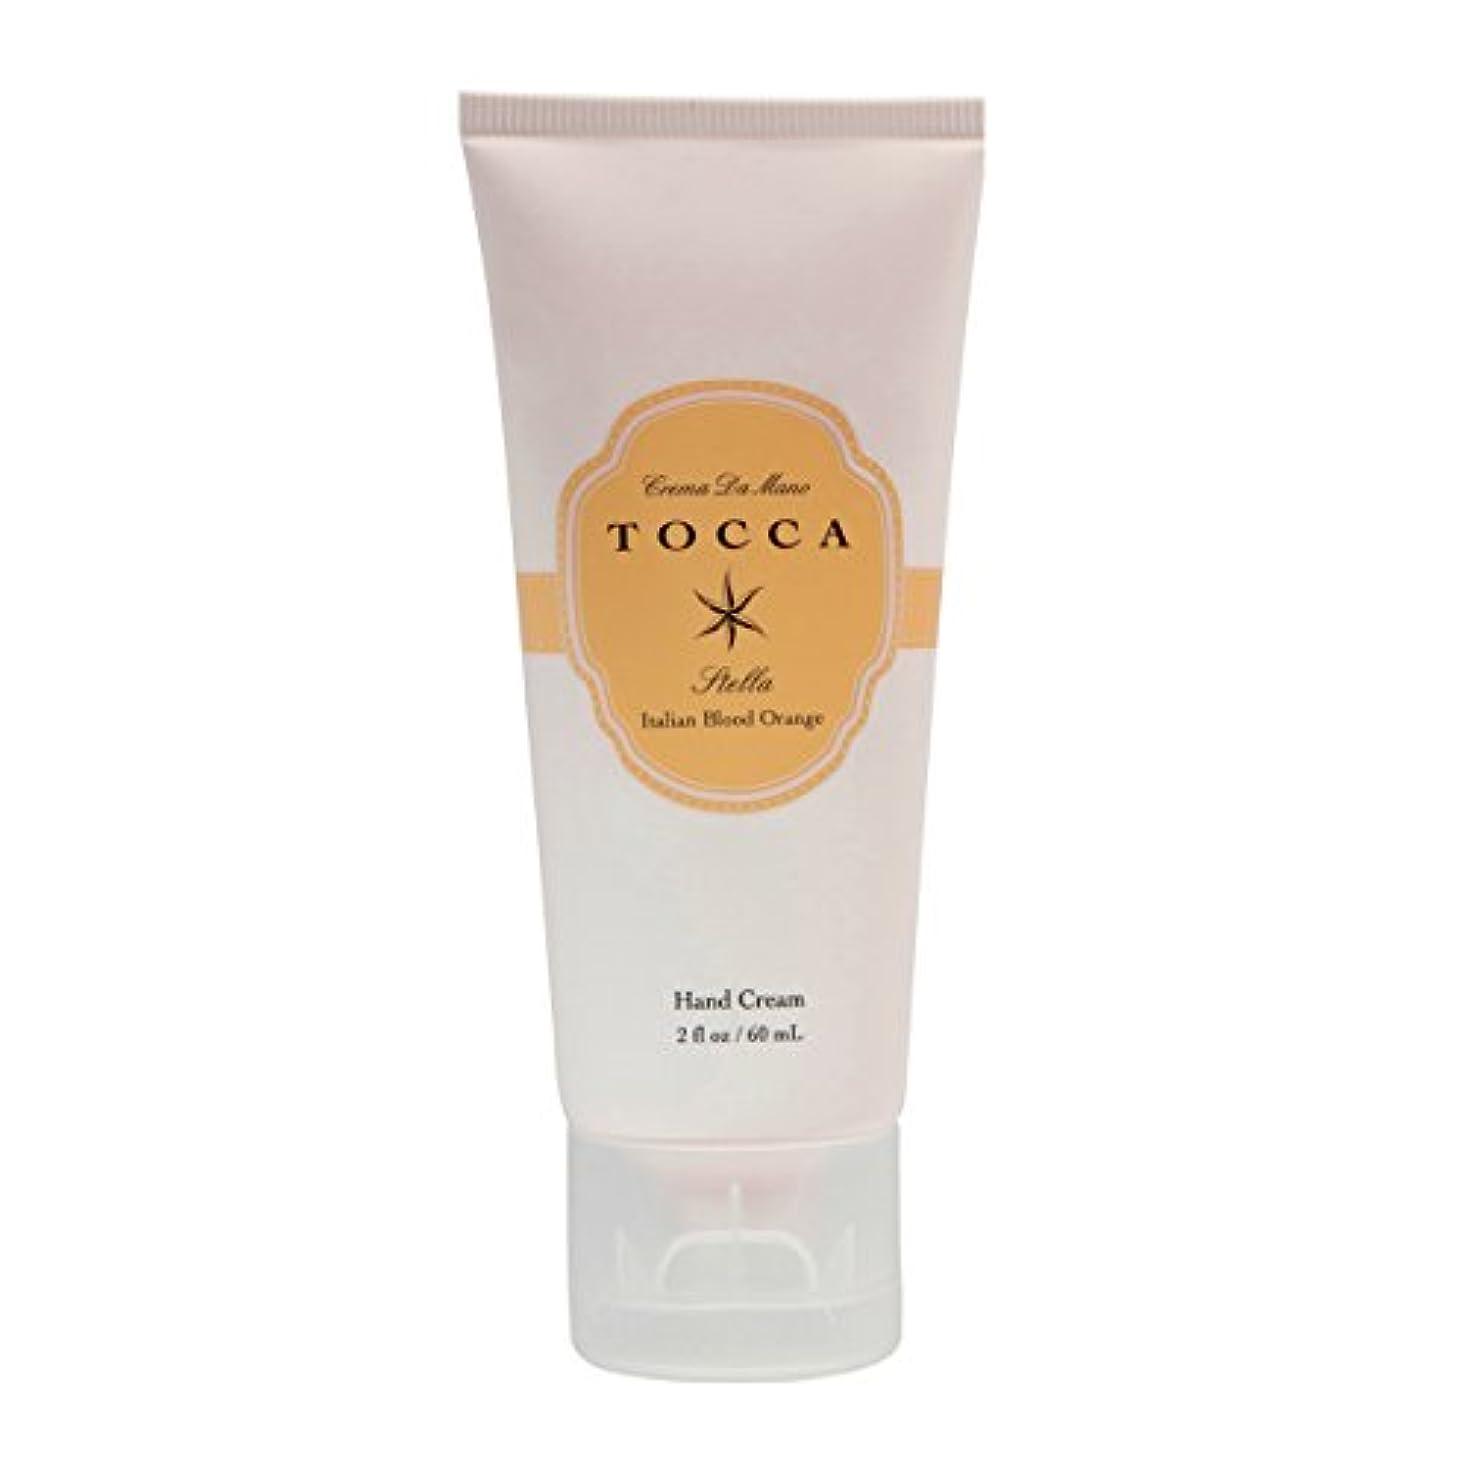 セミナー穿孔する不忠トッカ(TOCCA) ハンドクリーム  ステラの香り 60ml(手指用保湿 イタリアンブラッドオレンジが奏でるフレッシュでビターな爽やかさ漂う香り)